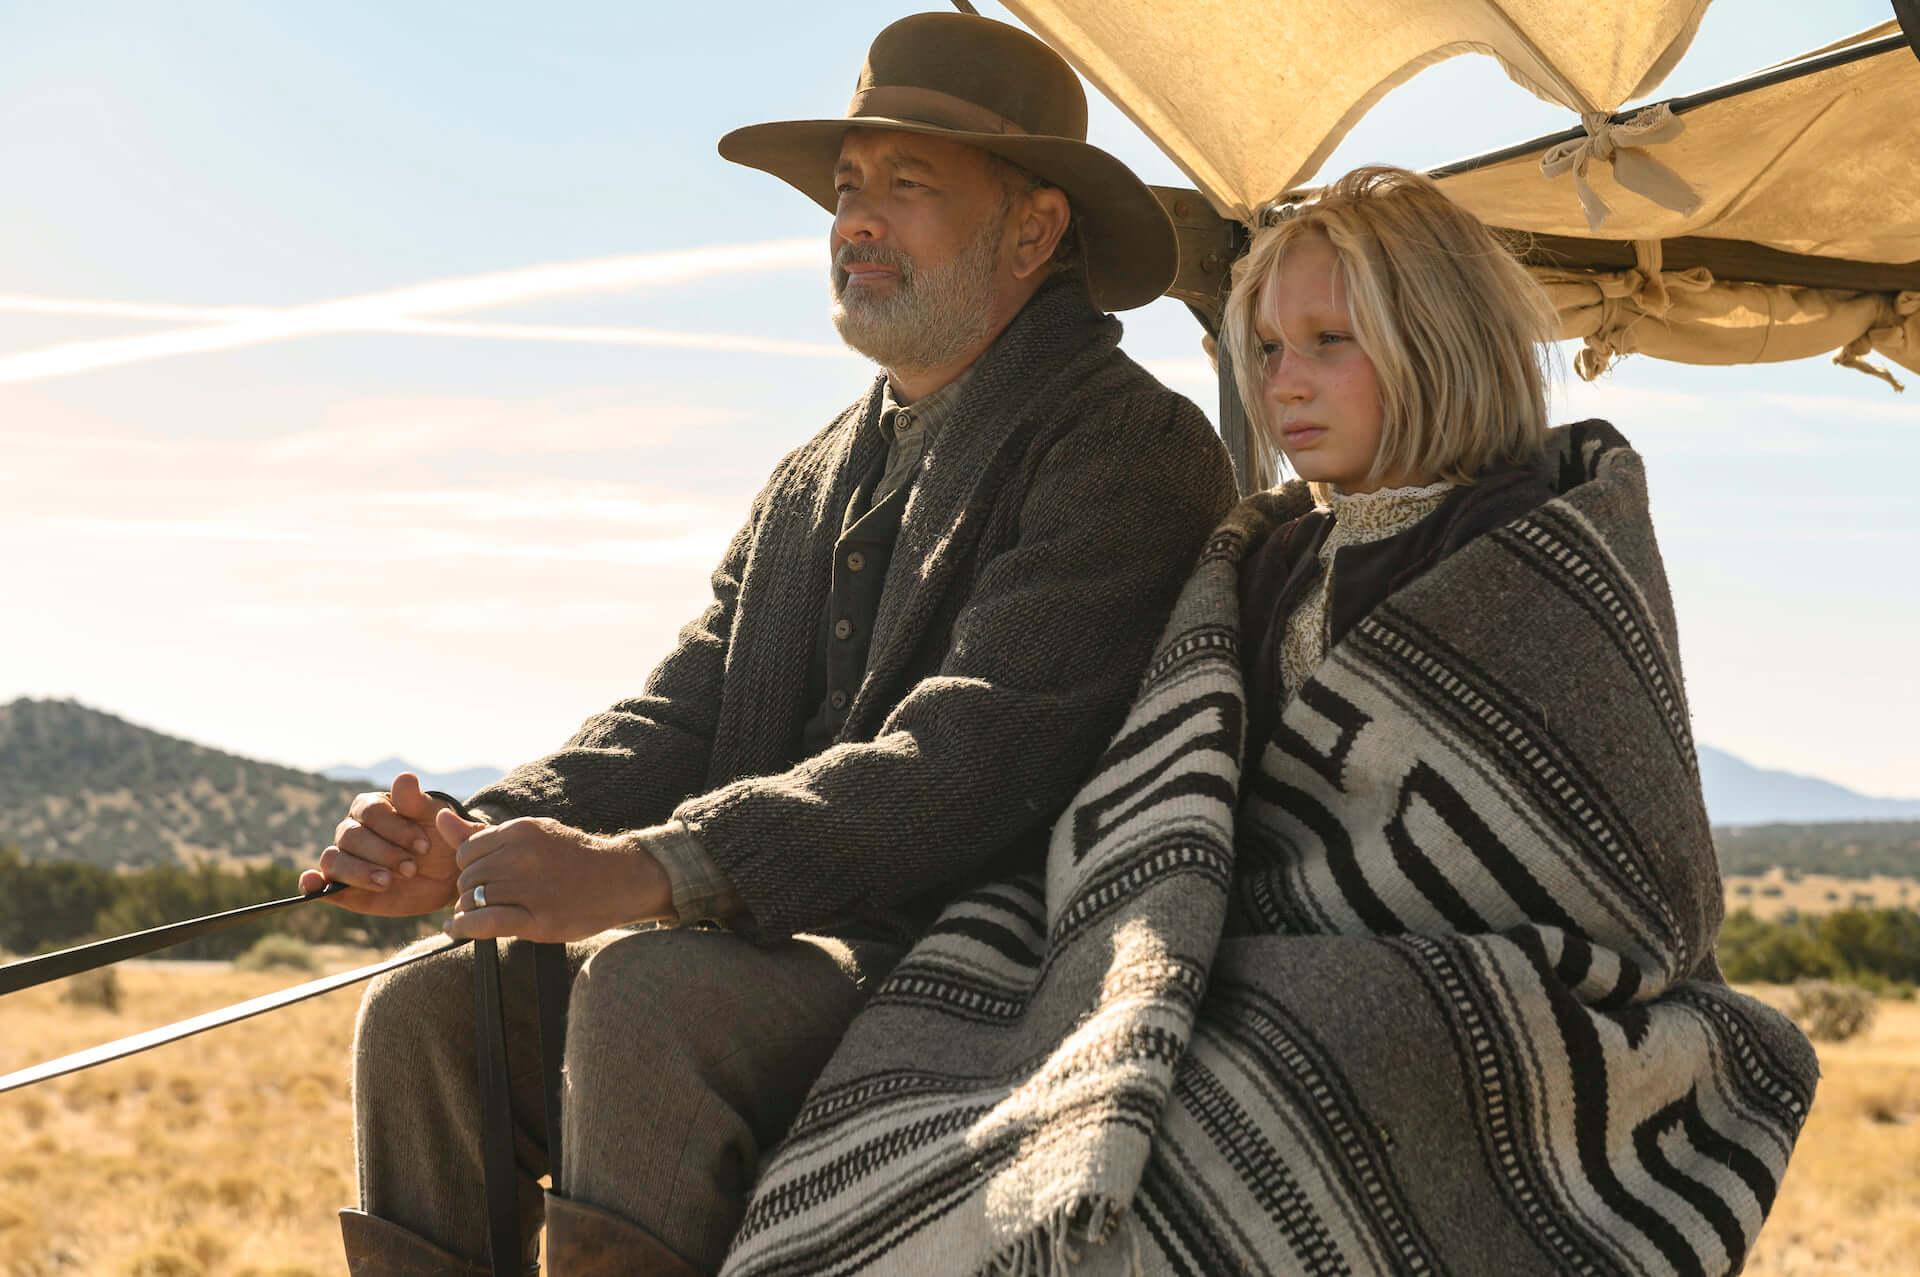 Netflixに山田孝之主演作『ステップ』やトム・ハンクス主演『この茫漠たる荒野で』など続々登場!川井憲次が音楽を担当した映画『陰陽師: とこしえの夢』も film210122_netflix_1-1920x1277